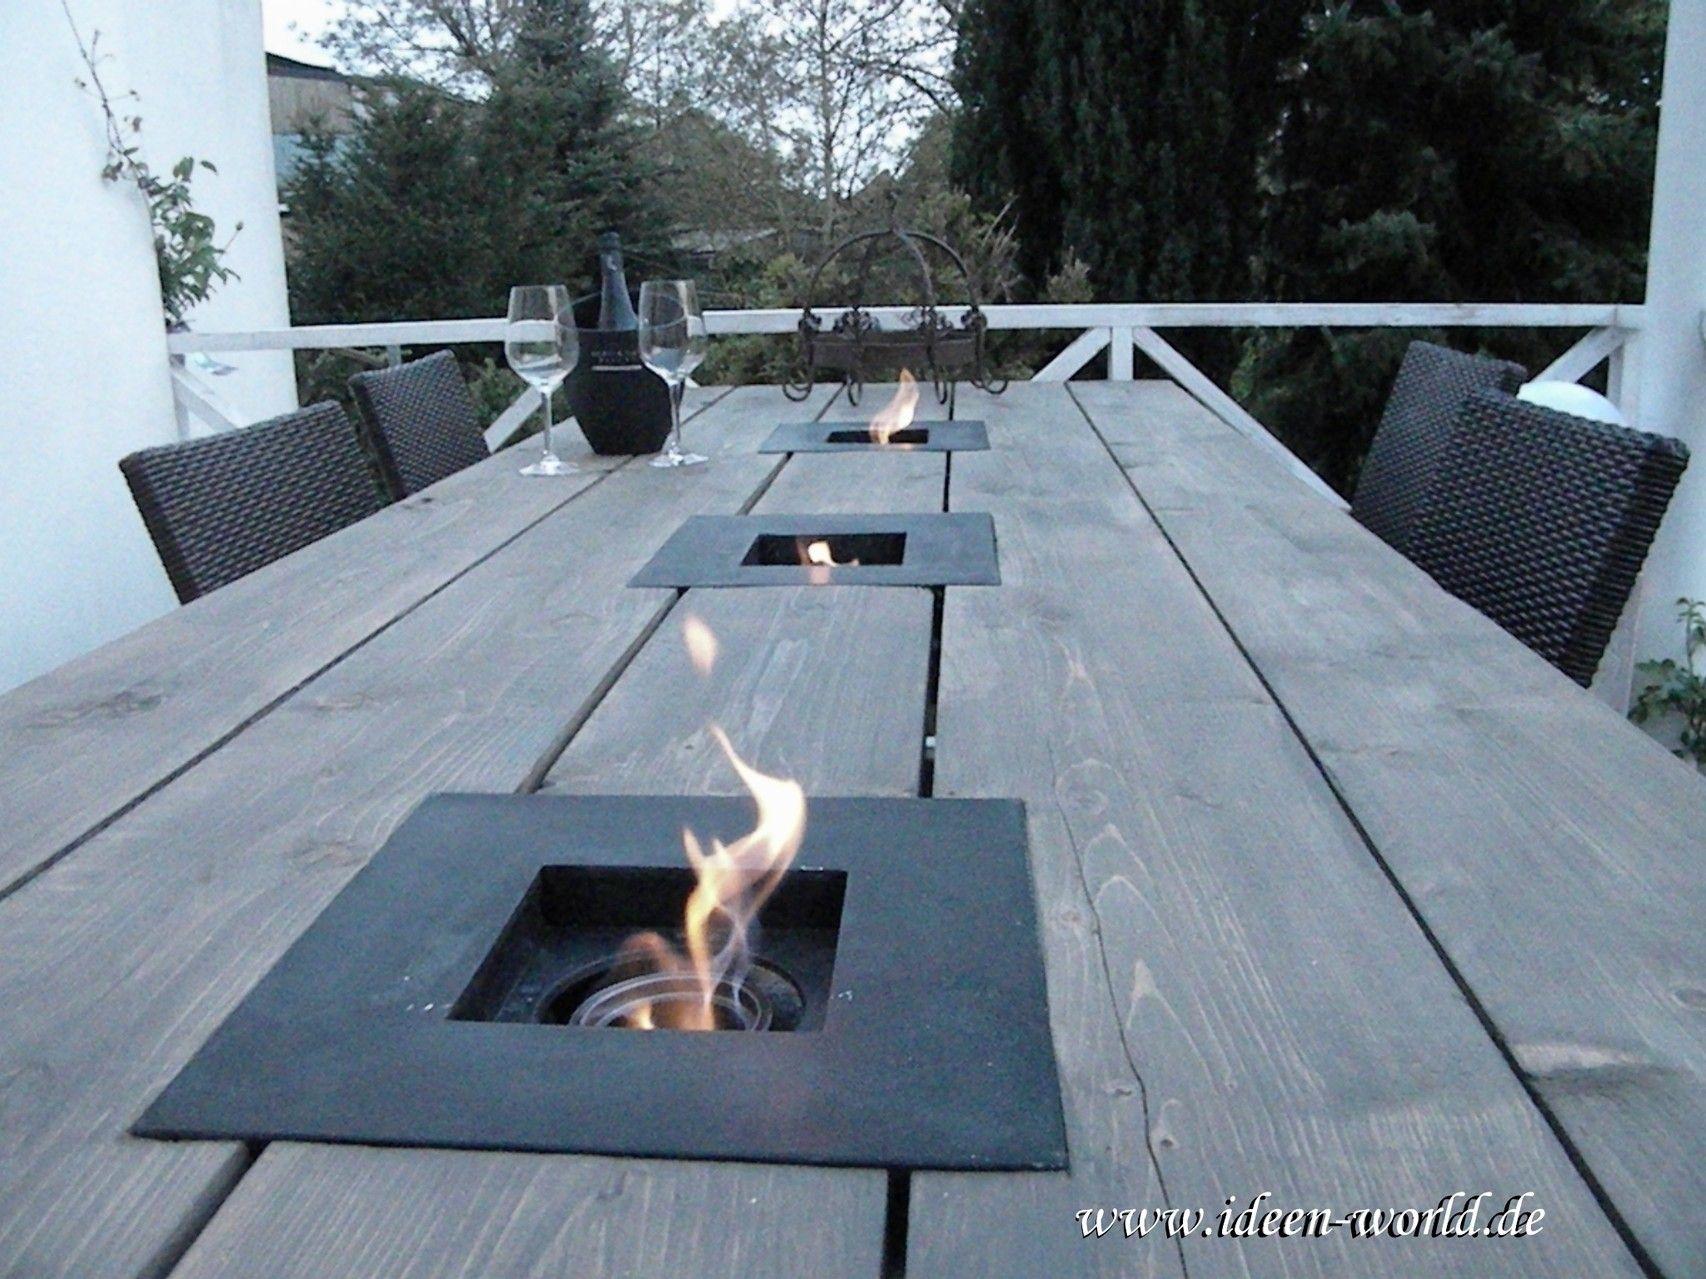 Wunderbar Gartenmöbel ,Gartentich ,Tisch Mit Feuerstelle, Individuelle Loungemöbel  ,einzigatige Lampen,besondere Deko